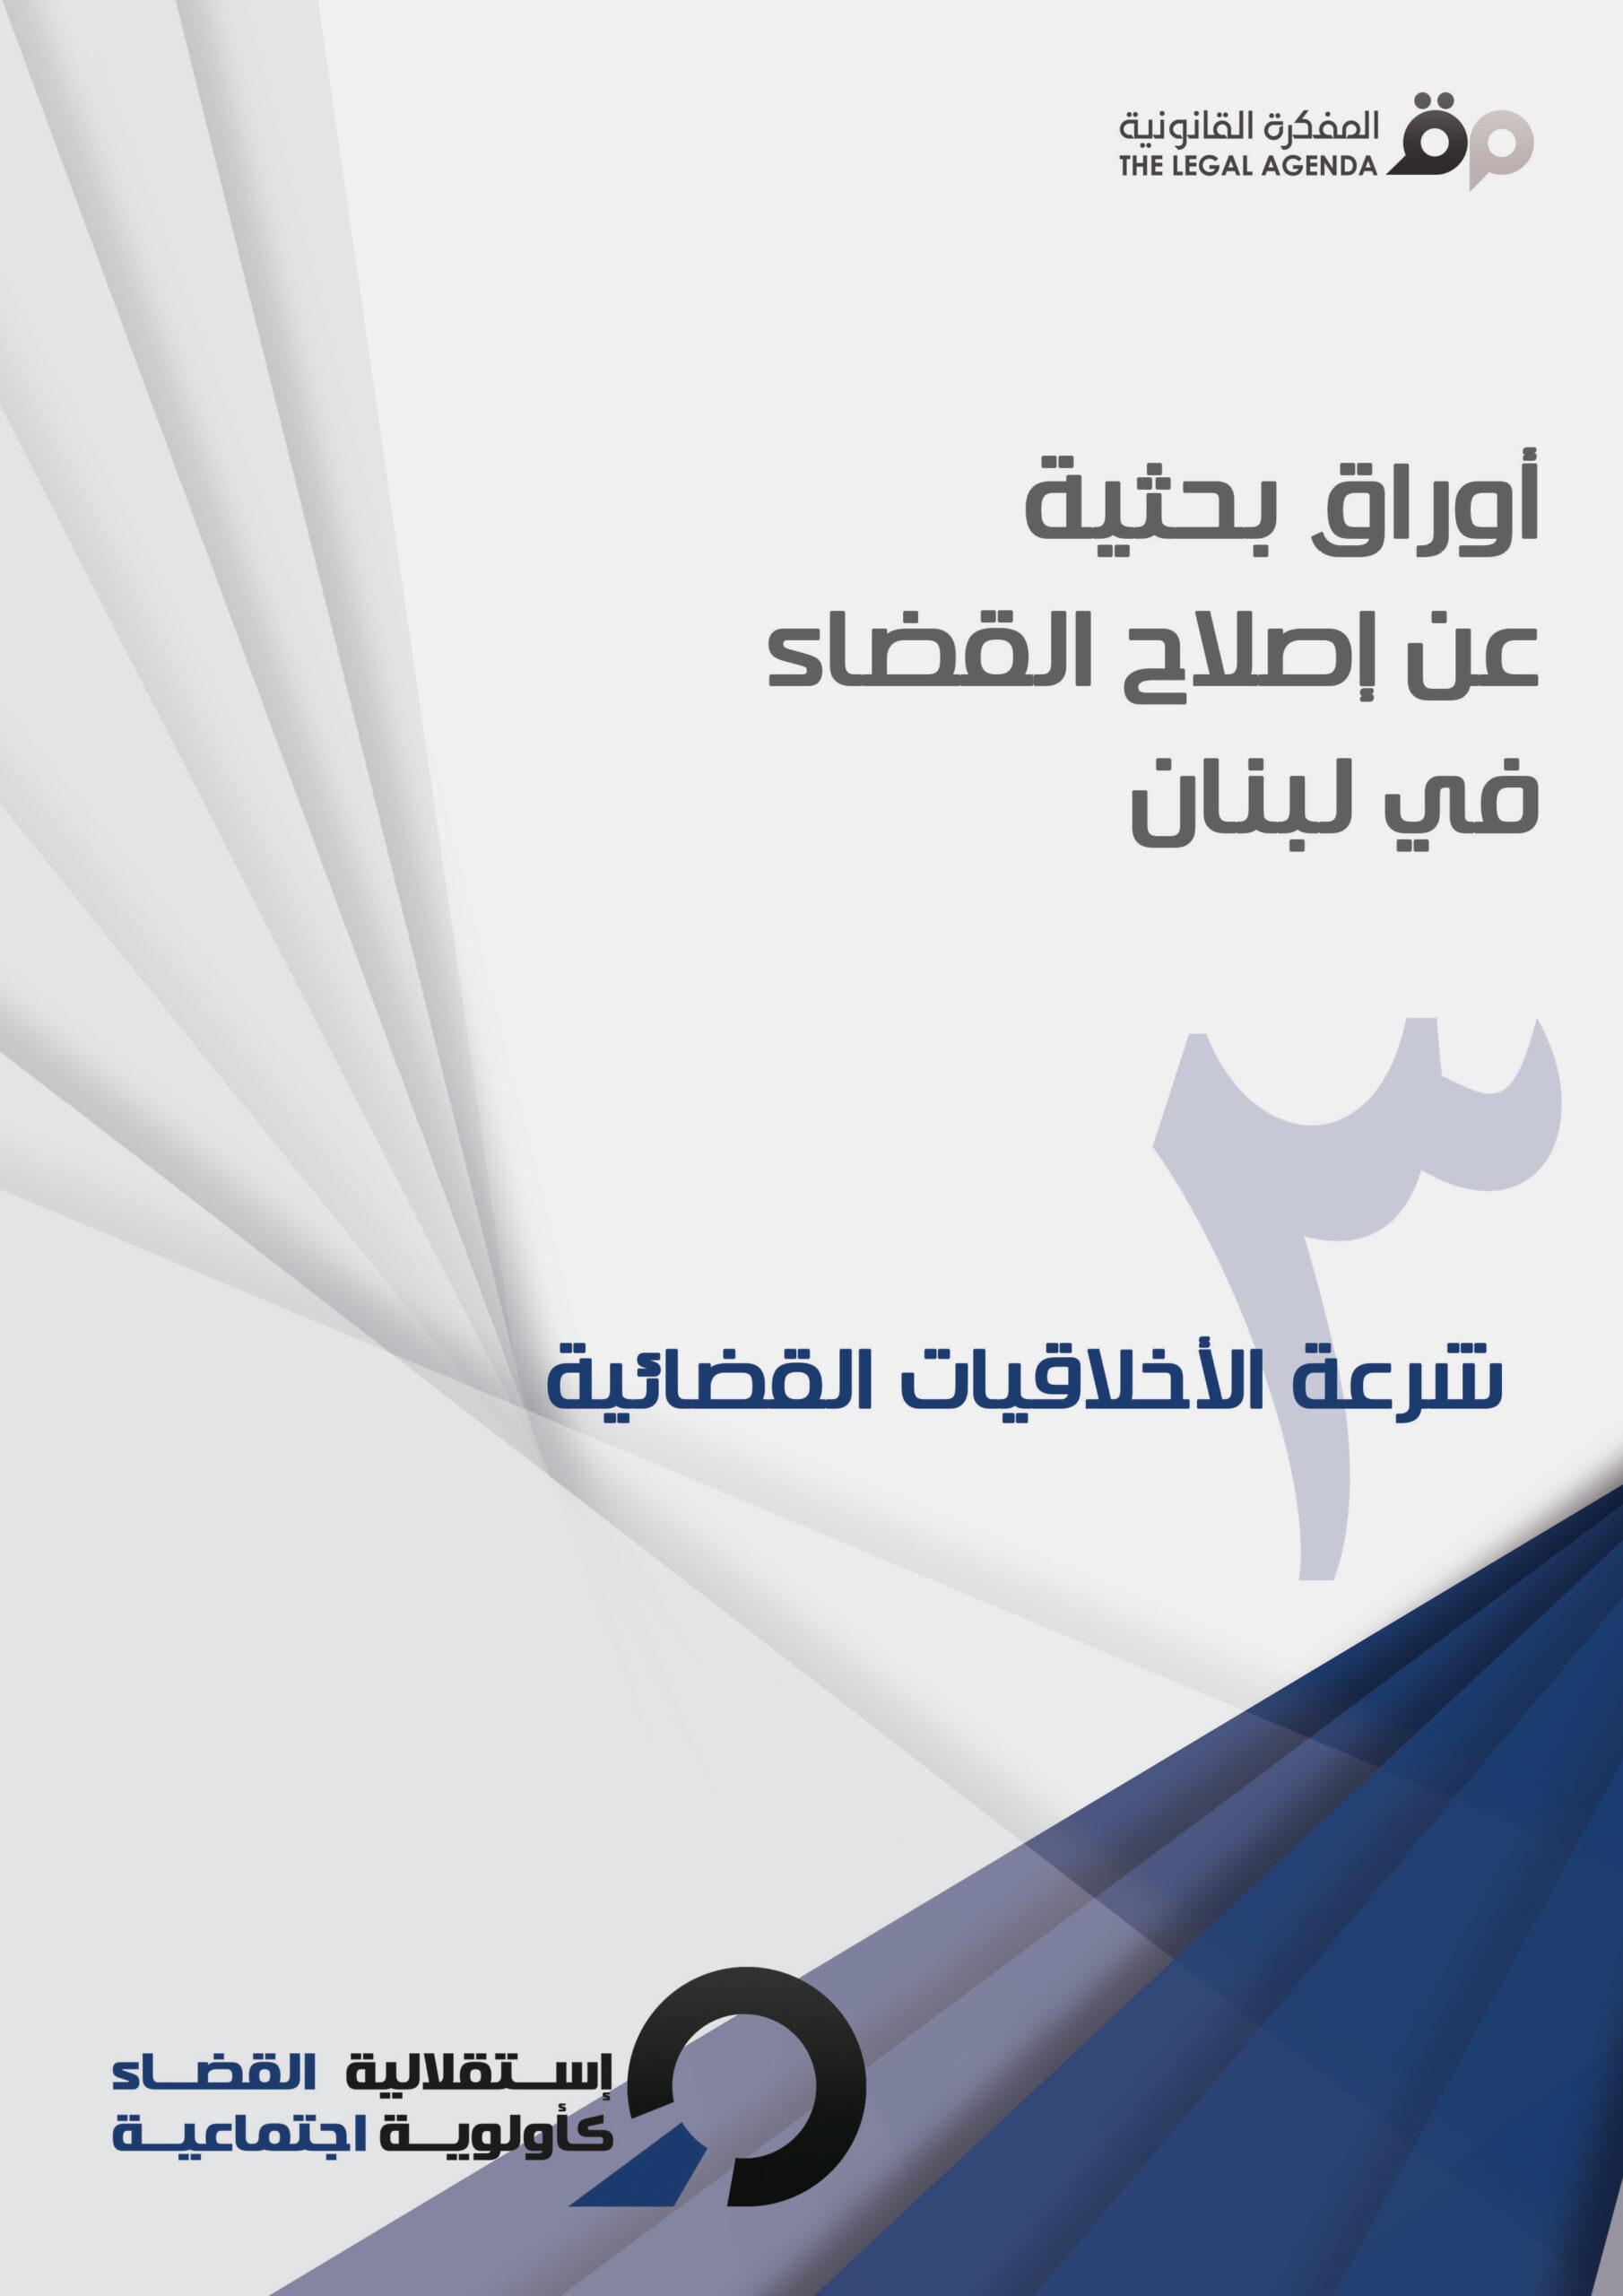 المفكرة تنشر ورقتها البحثية ال 3 حول إصلاح القضاء العدلي في لبنان: شرعة الأخلاقيات القضائية